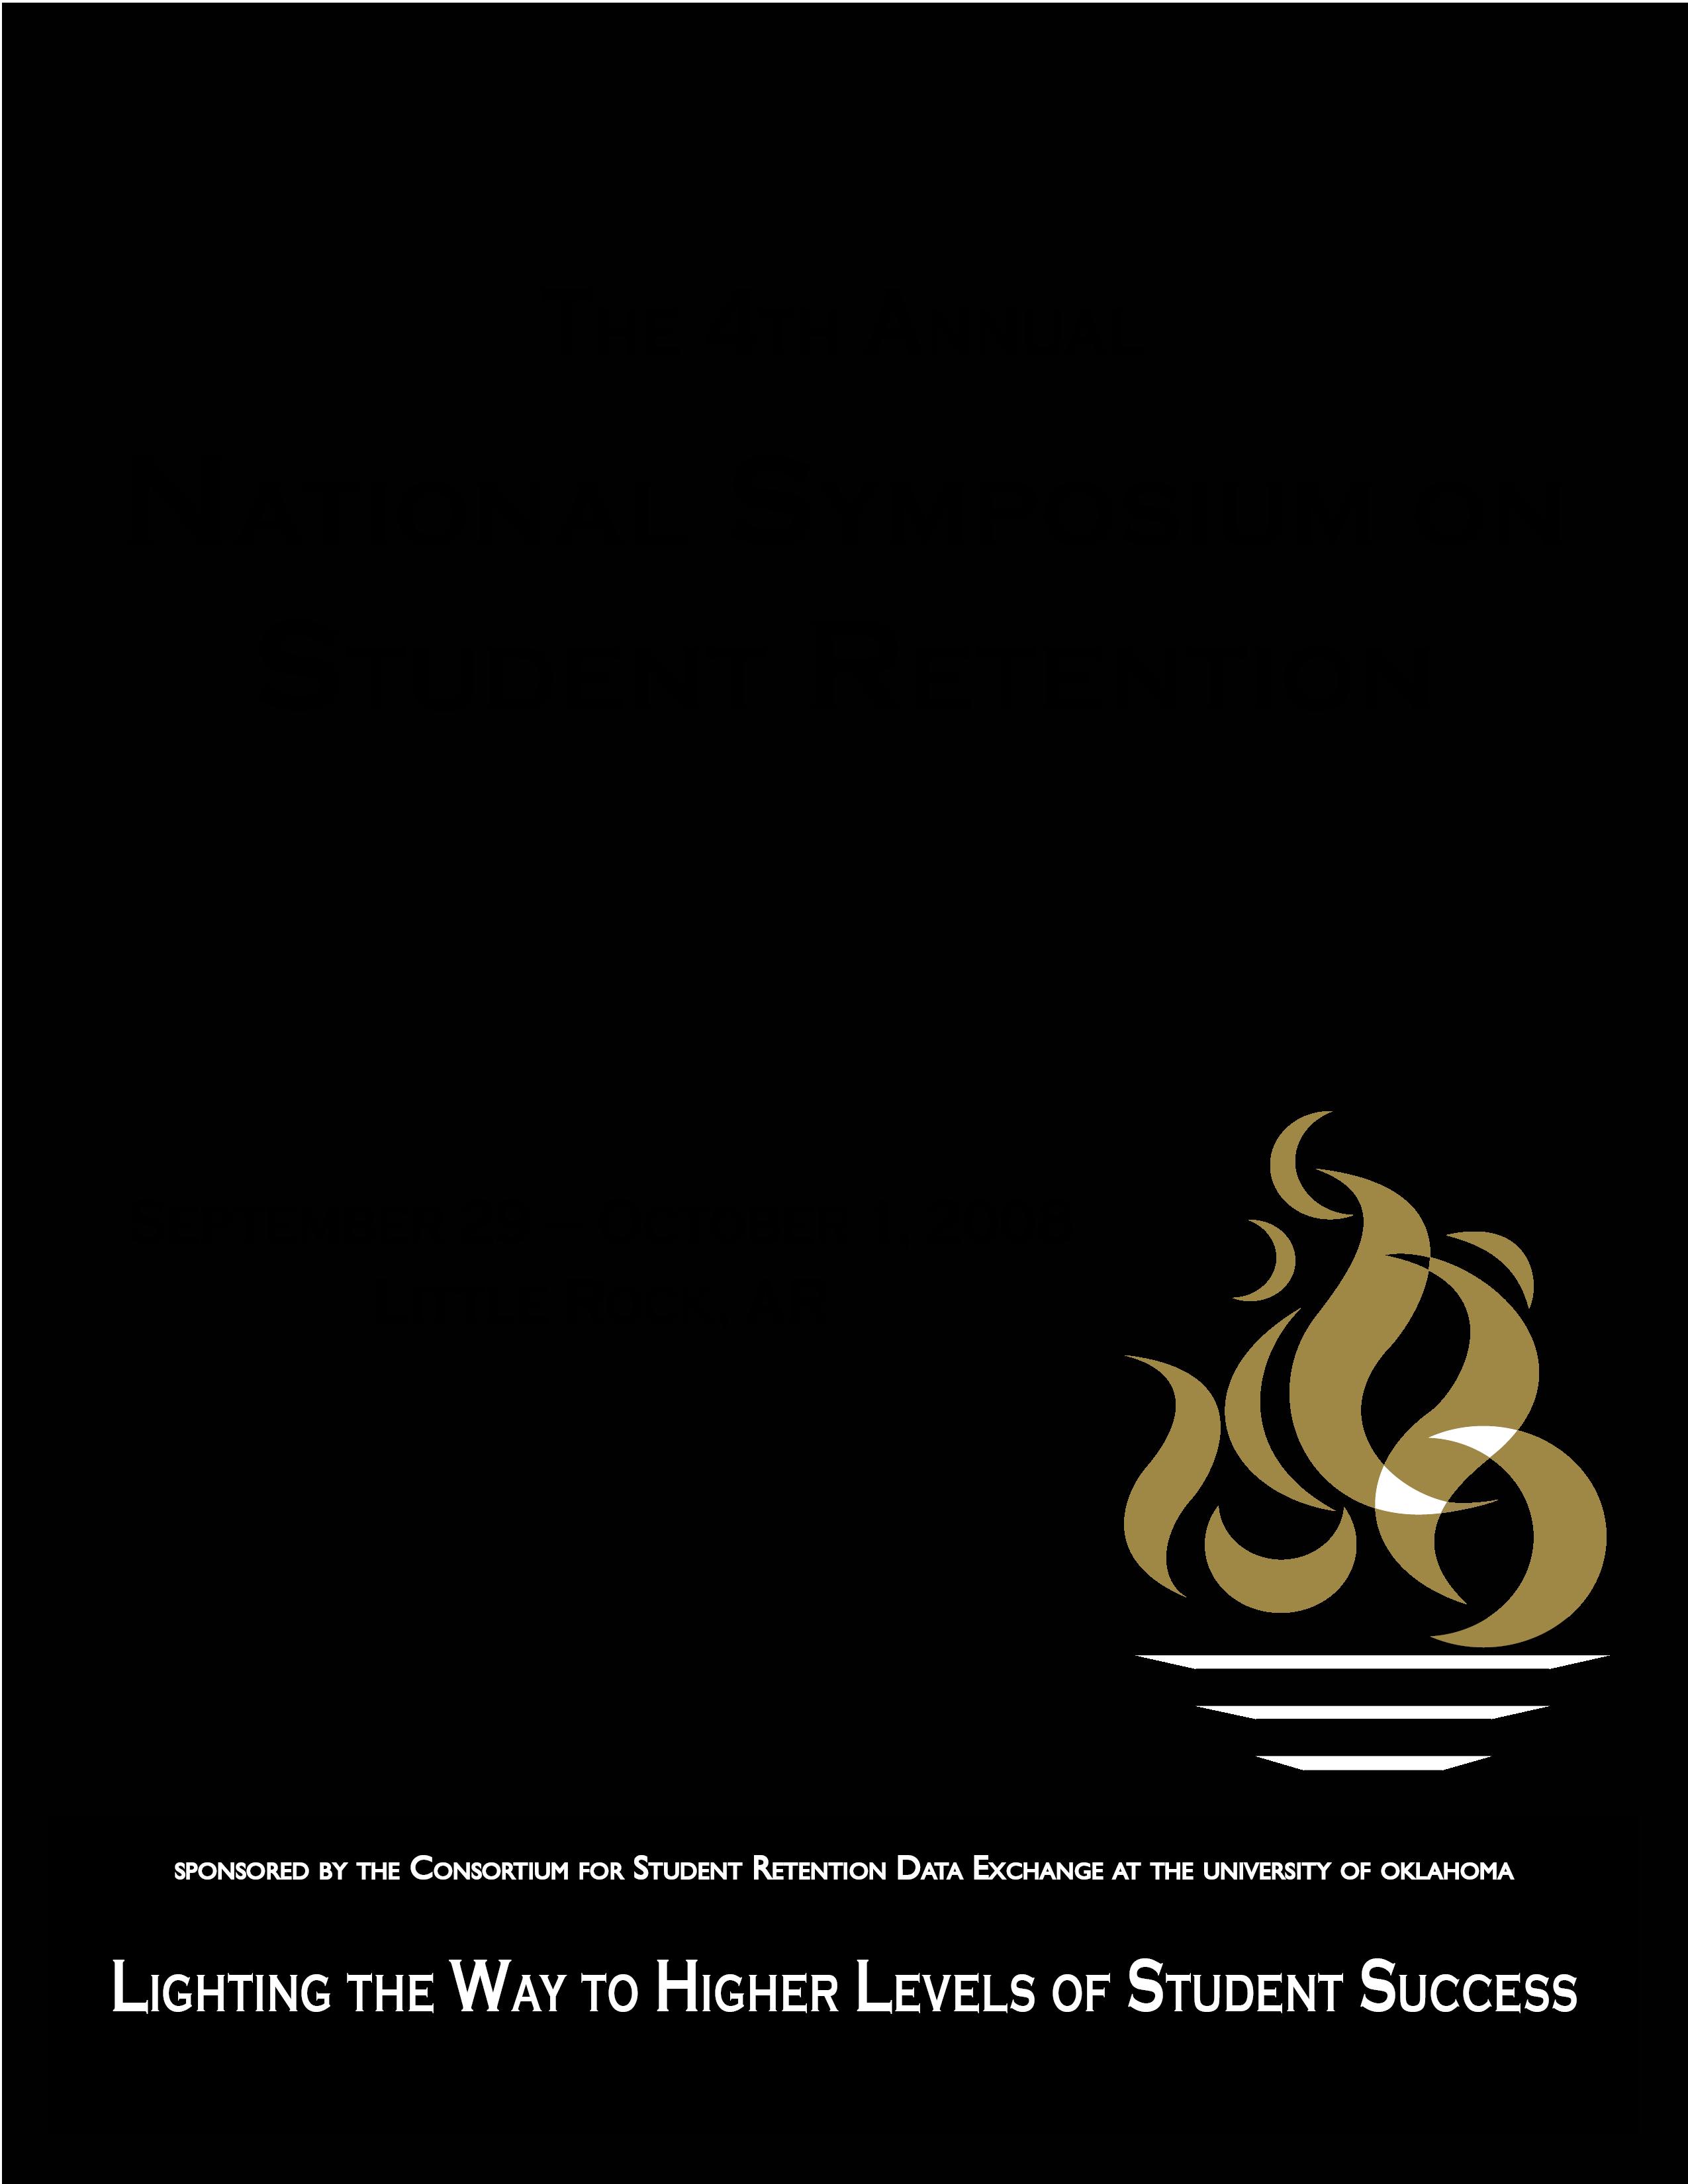 2008 NSSR Program Cover